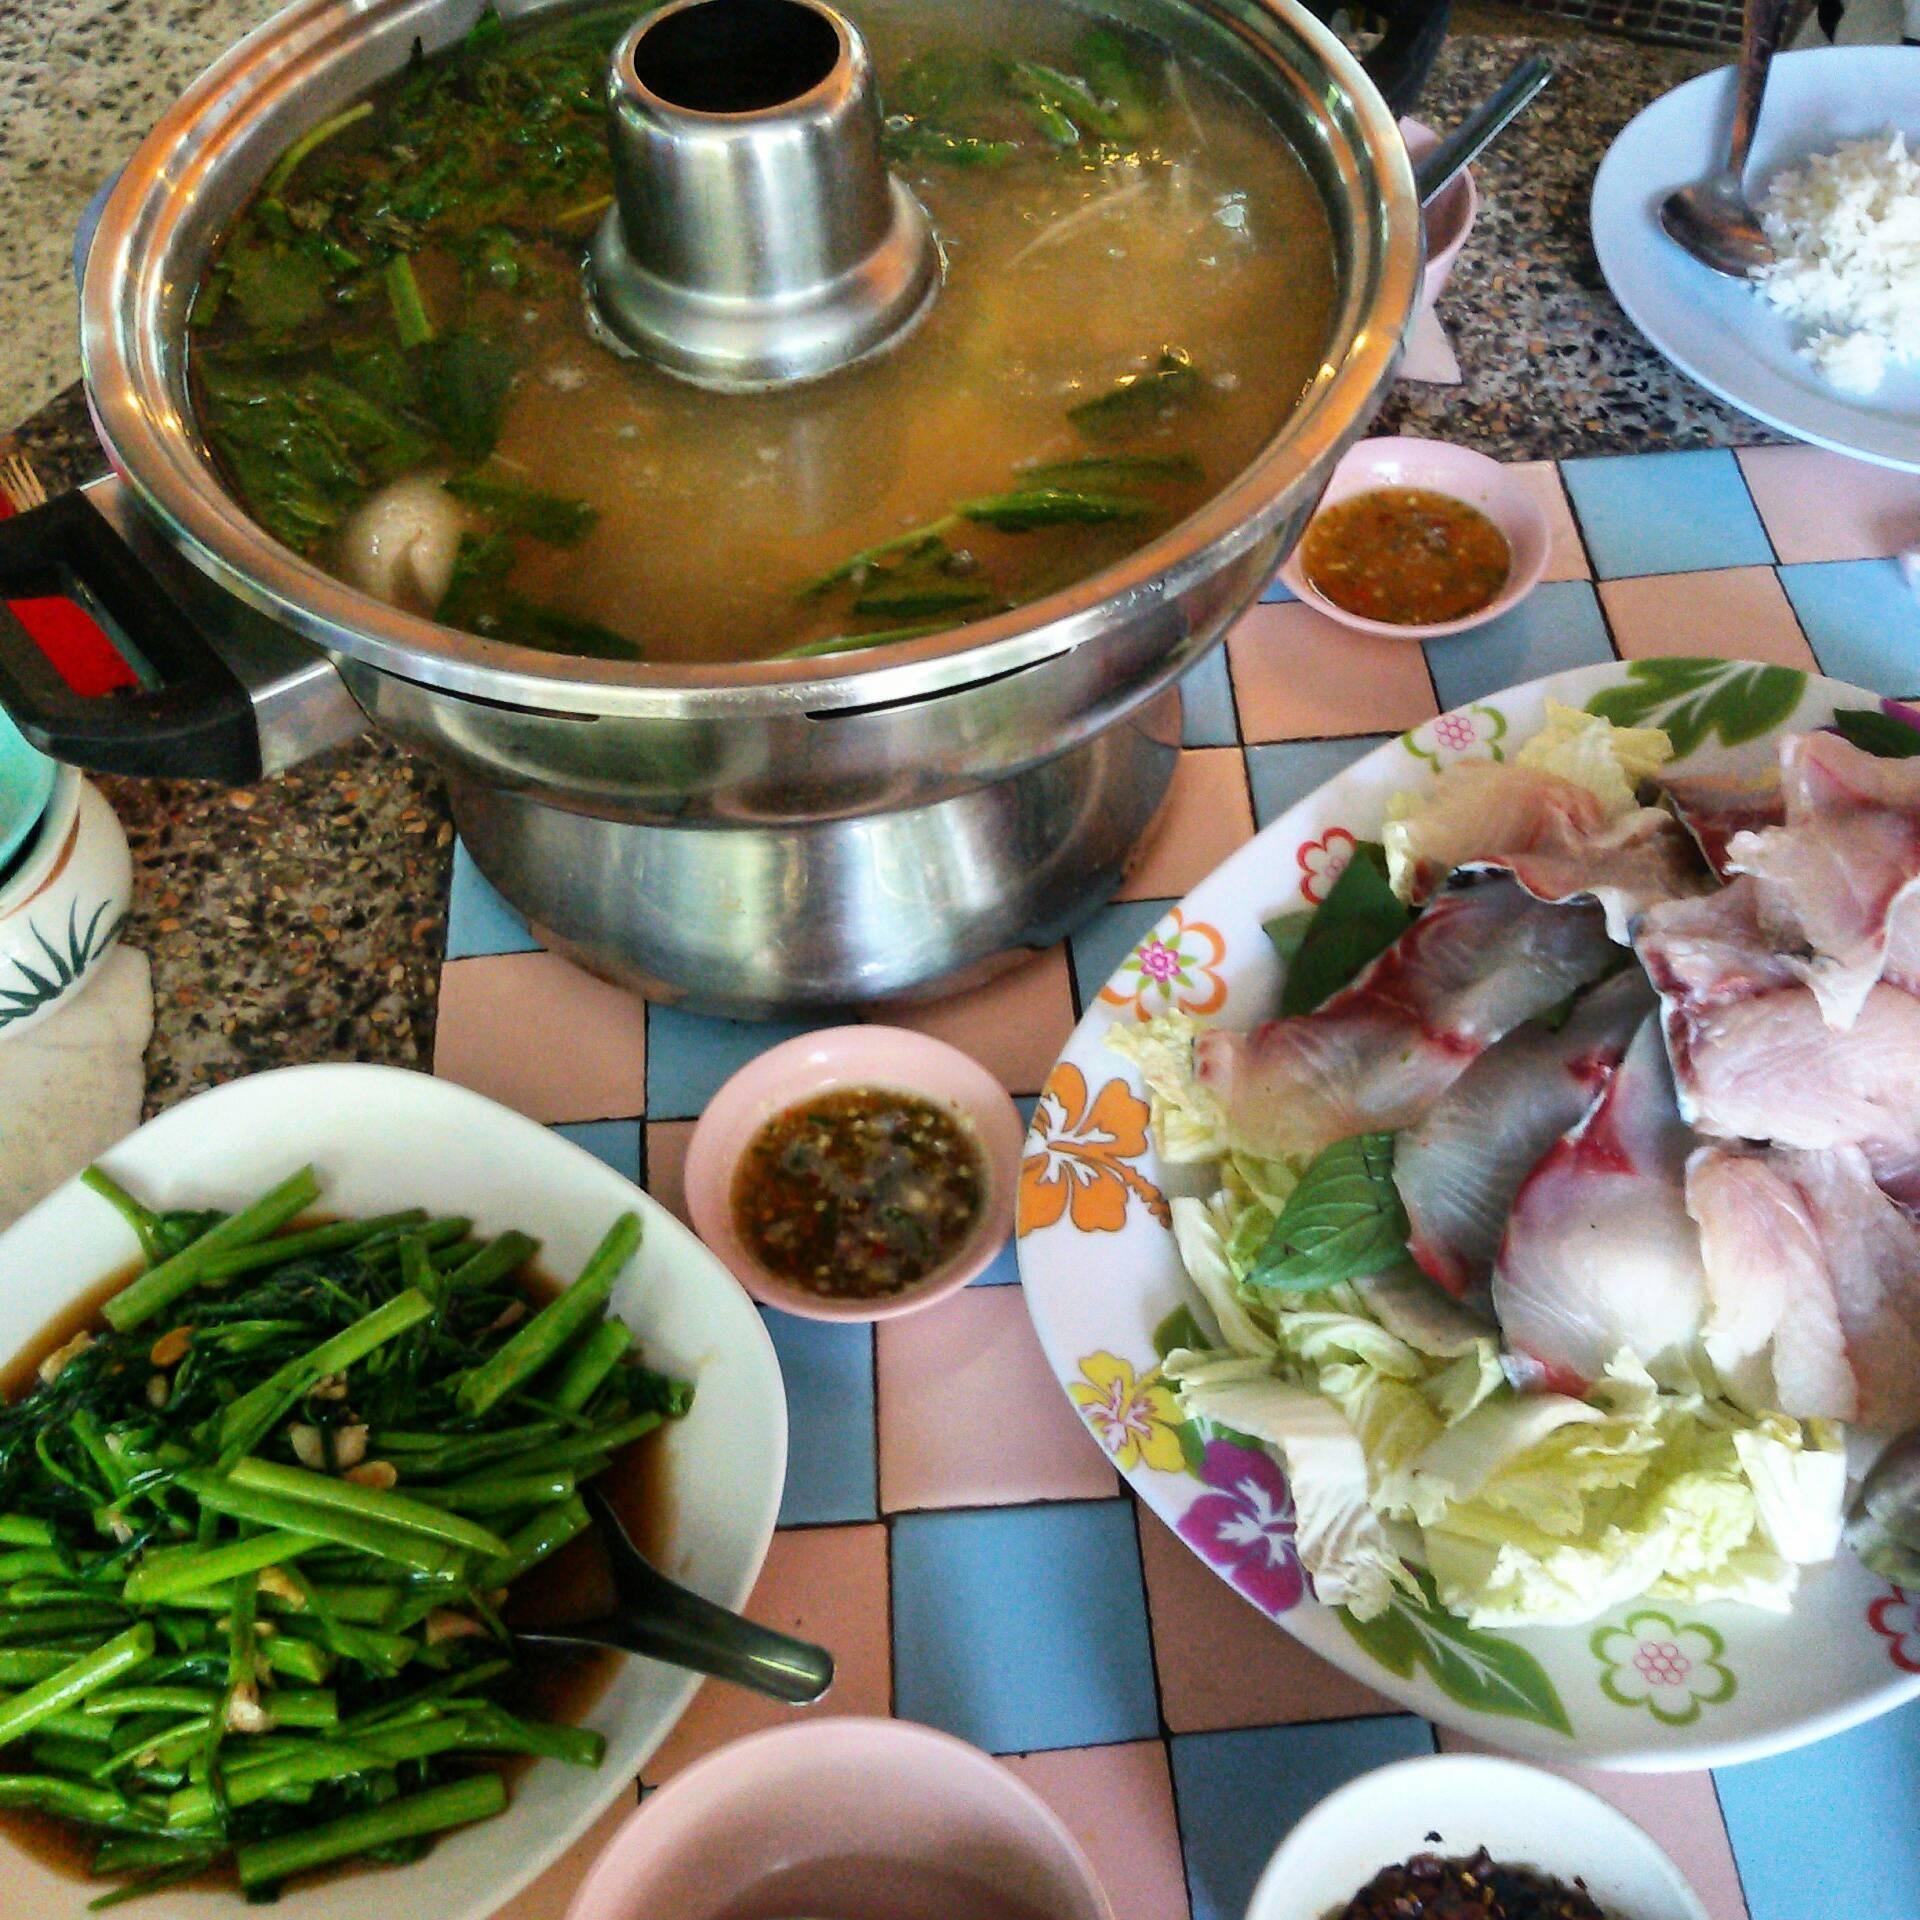 ปลาจุ่ม ผัดผักบุ้ง